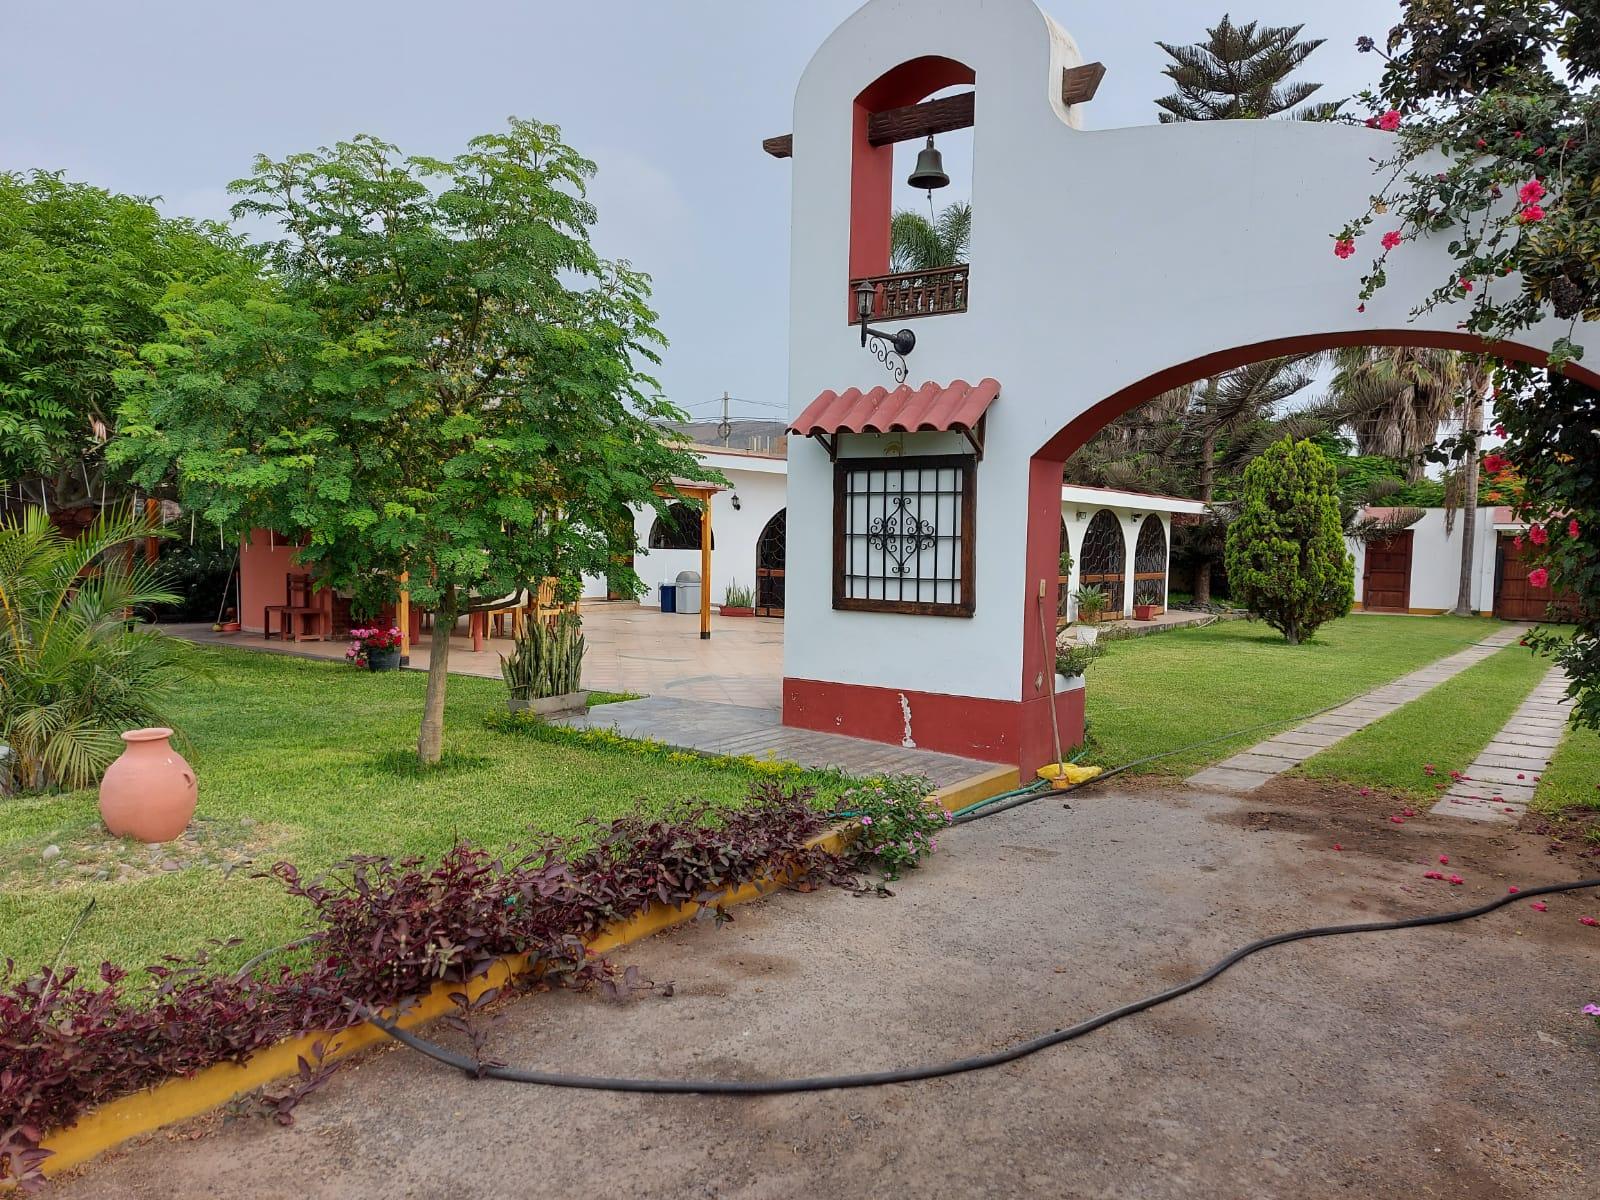 casa hacienda chilca 4